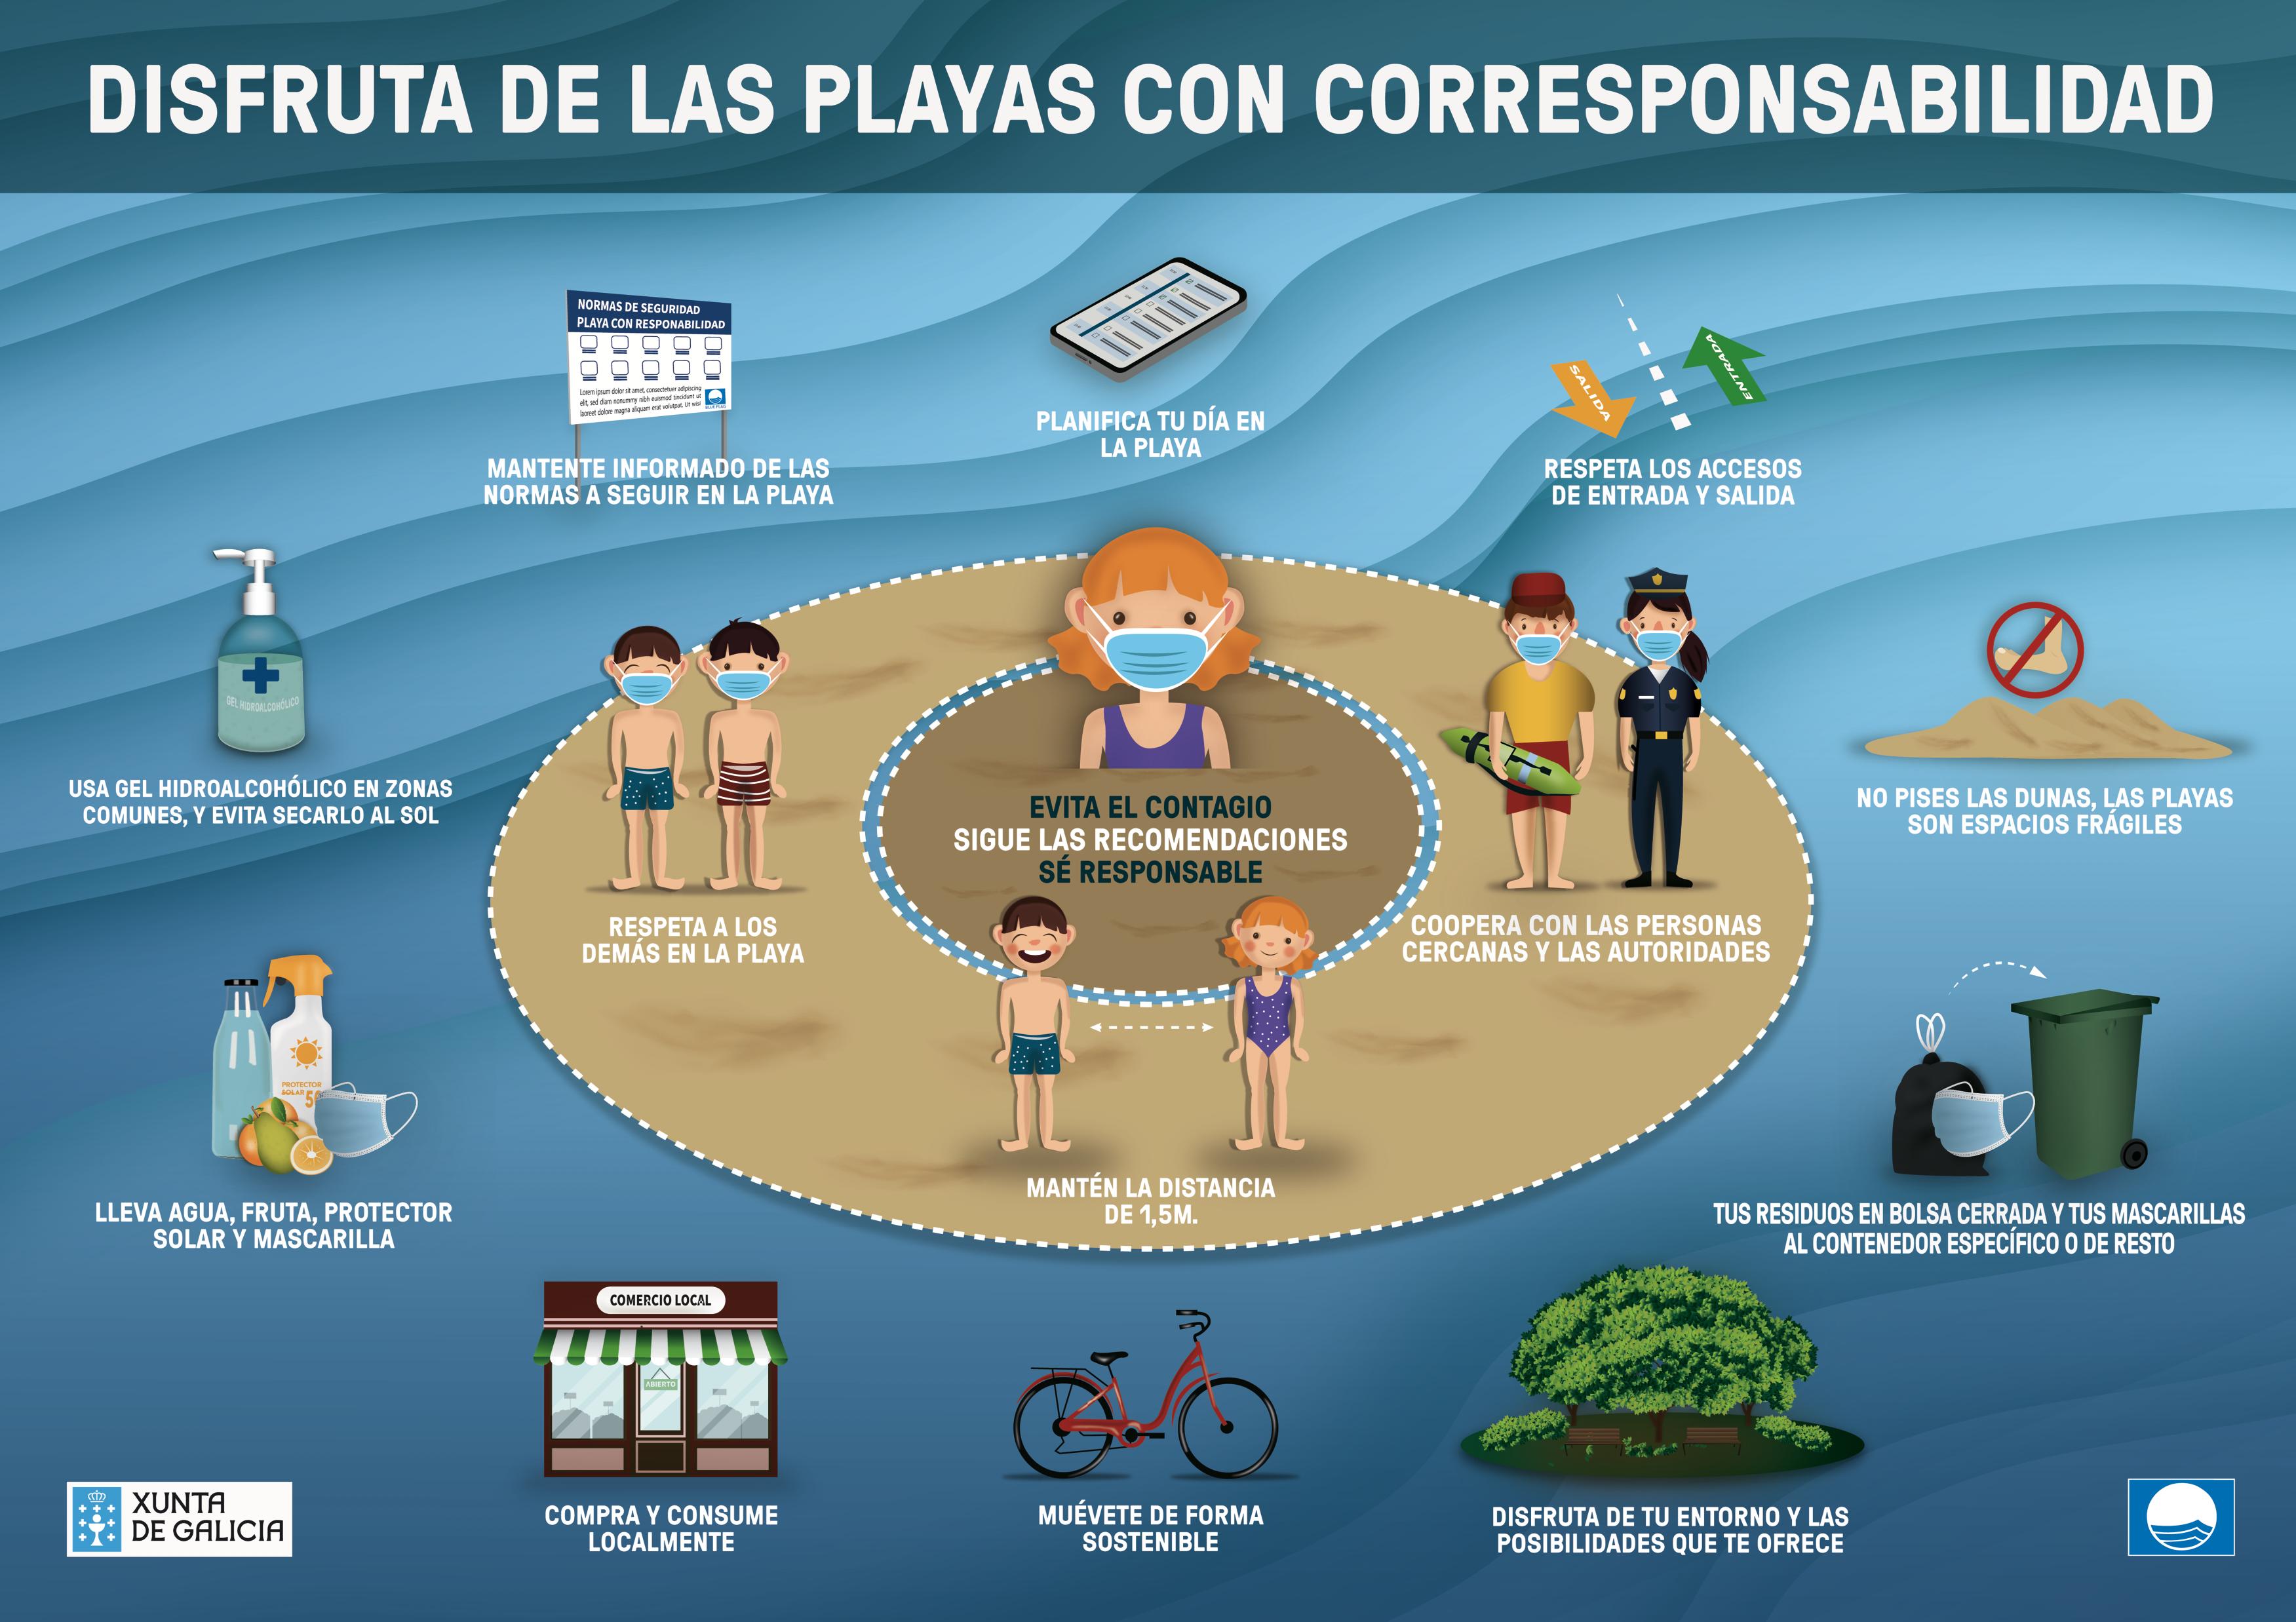 DISFRUTA DE LAS PLAYAS CON CORRESPONSABILIDAD